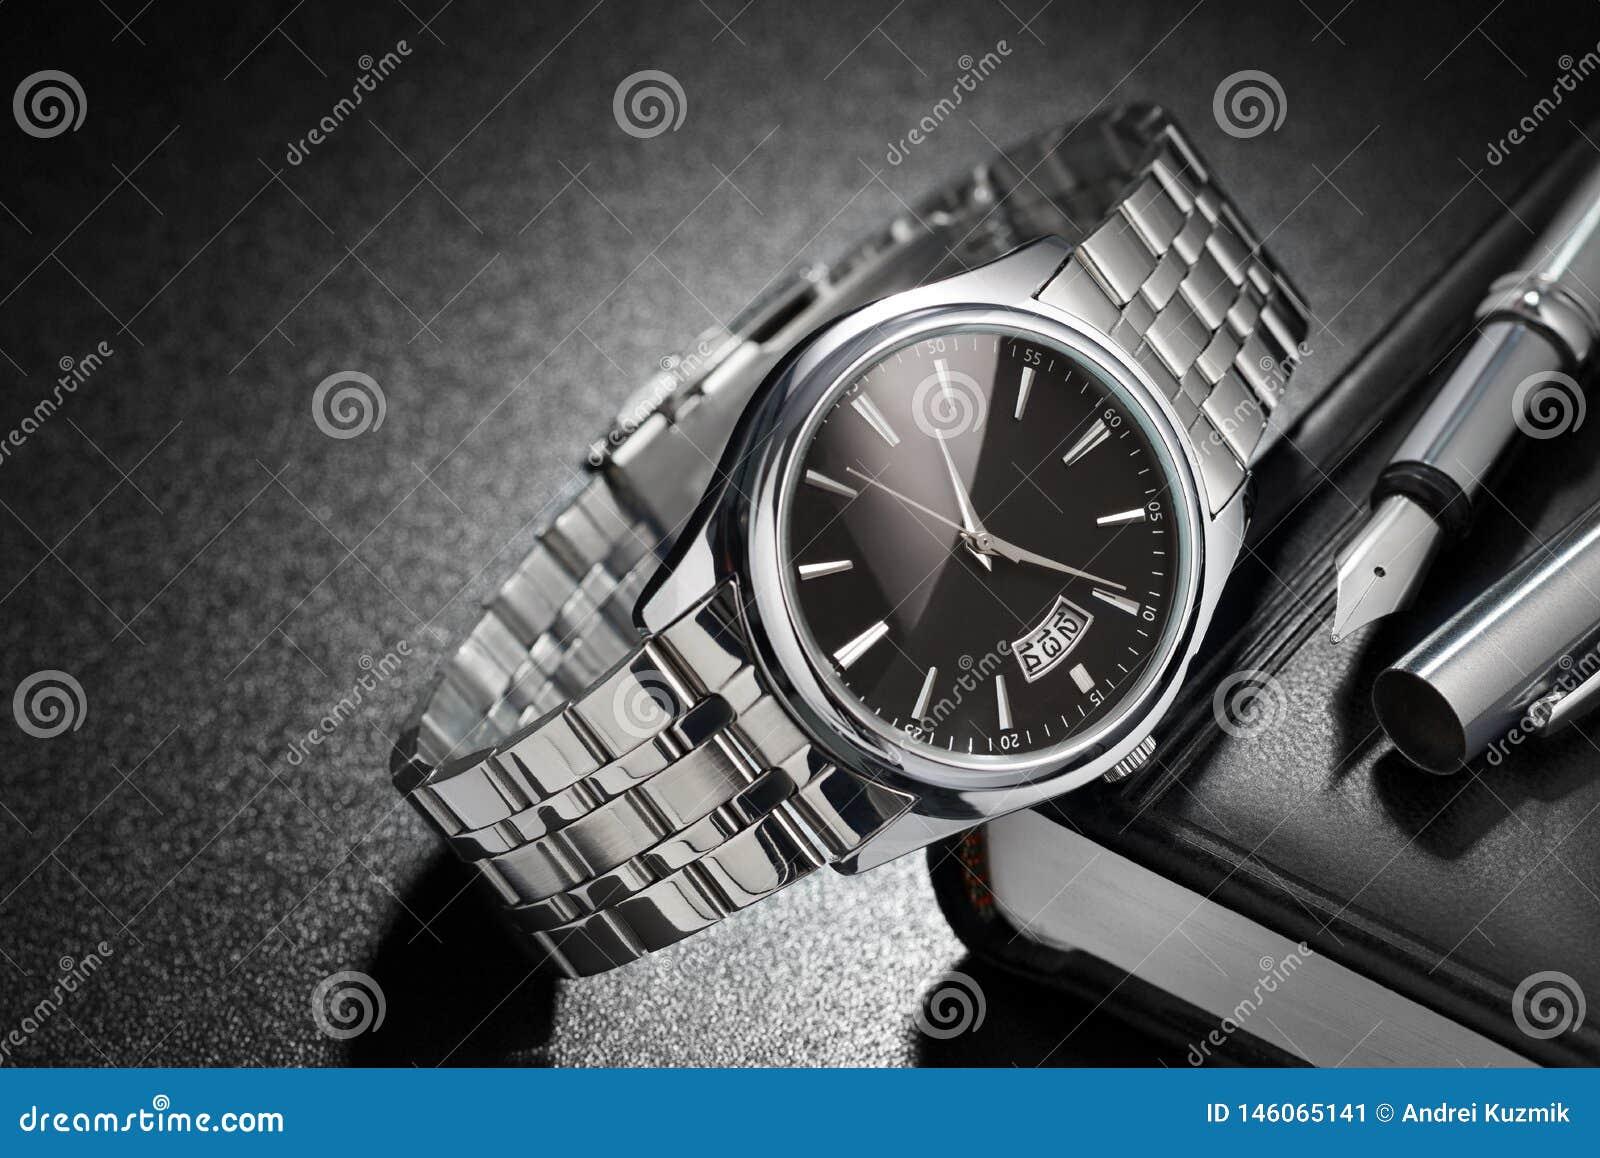 Reloj de acero en fondo negro